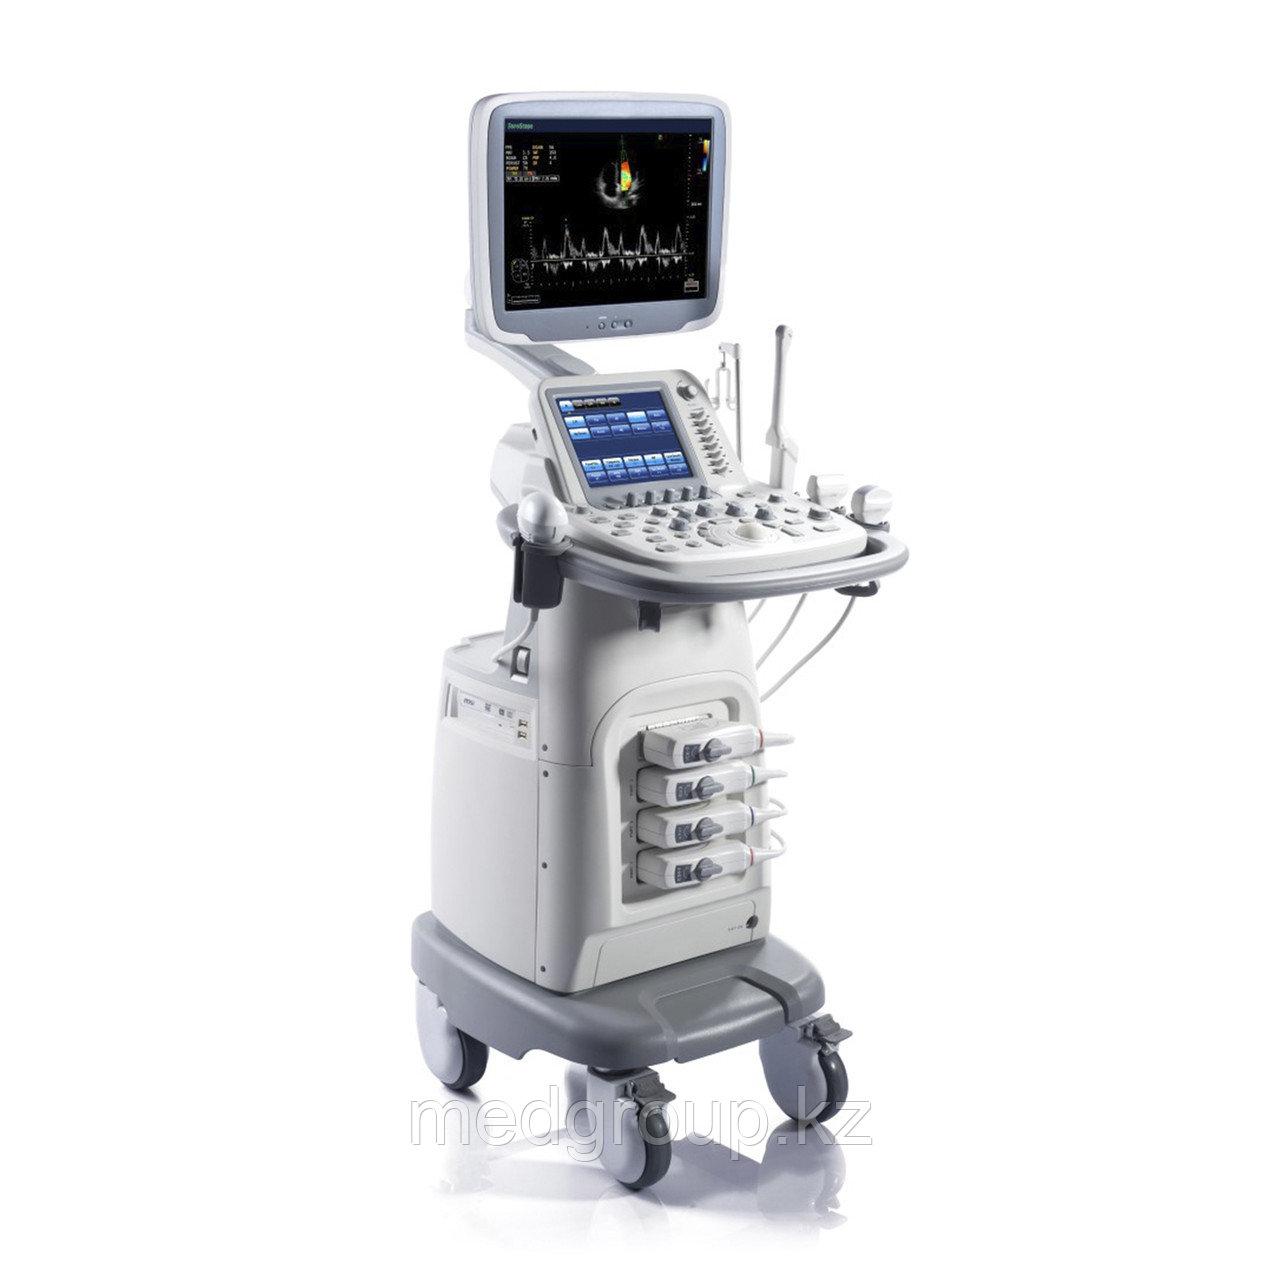 Ультразвуковая система (сканер) SonoScape S20